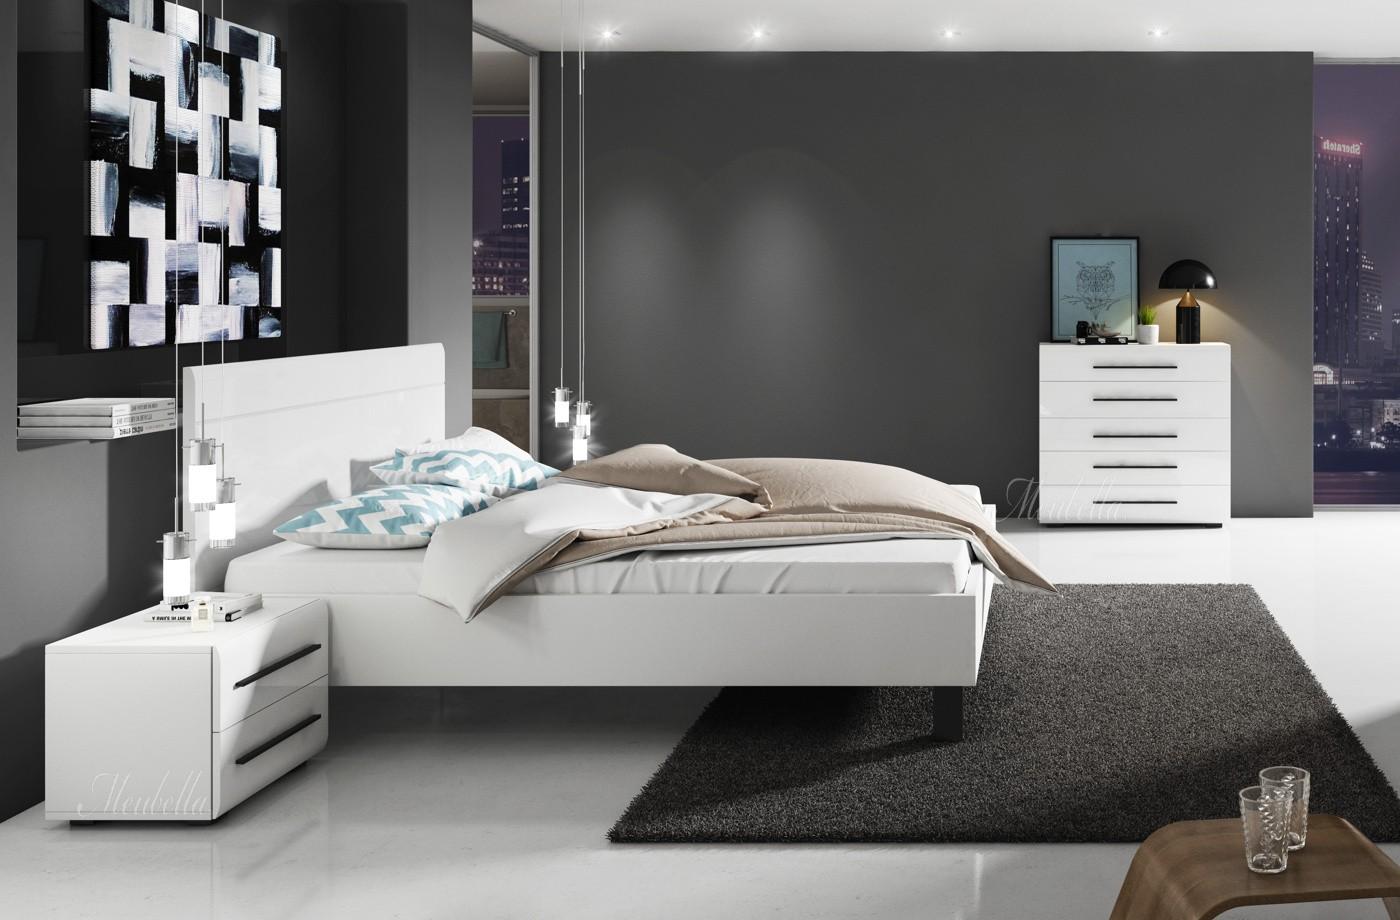 slaapkamer hampton 160 - wit - klein - actie | meubella, Deco ideeën